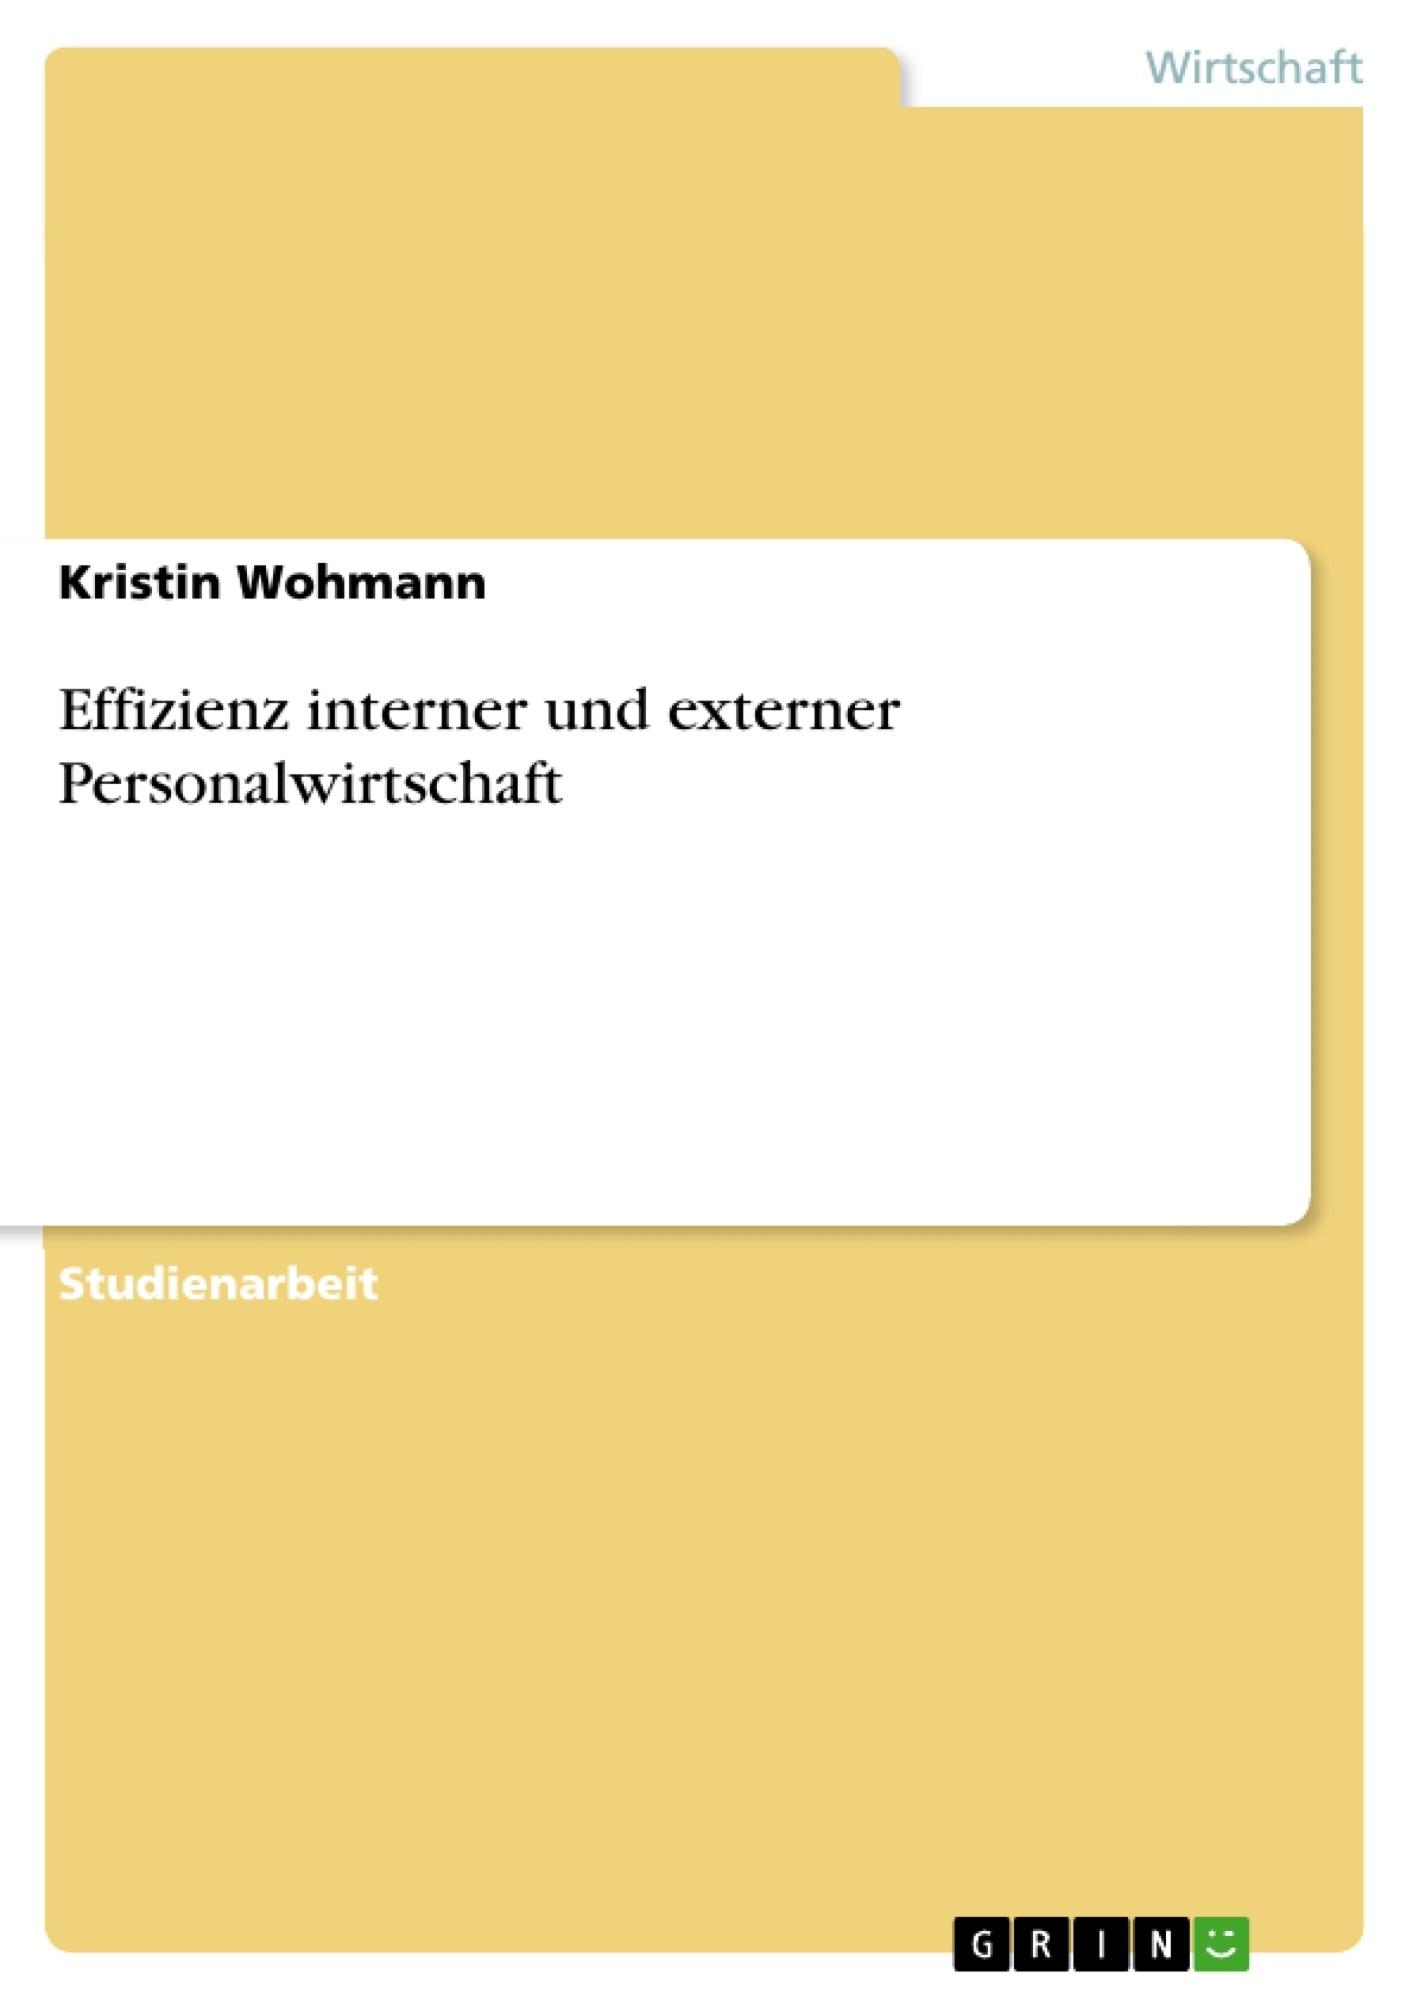 Titel: Effizienz interner und externer Personalwirtschaft